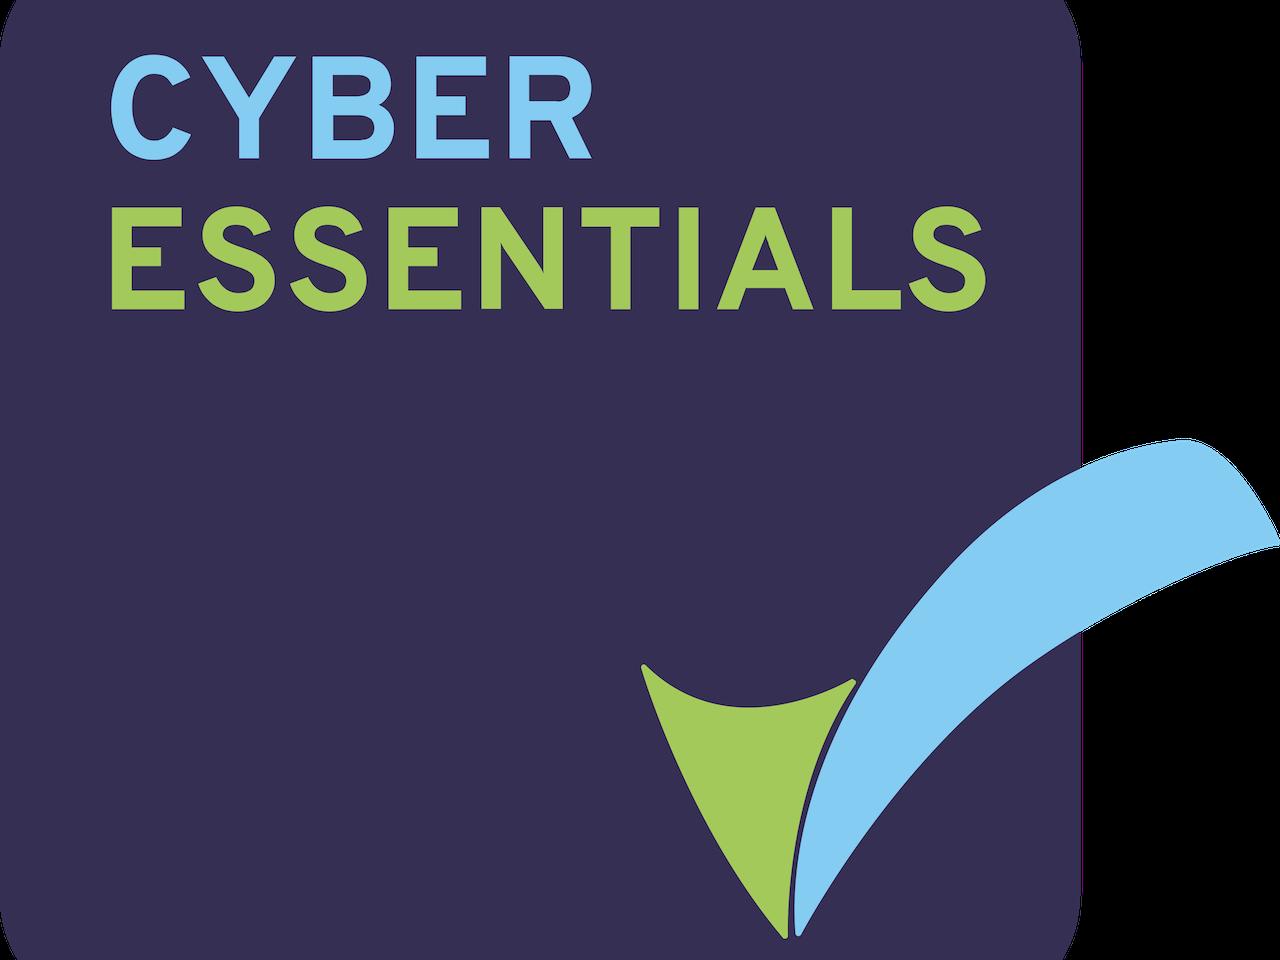 Edge Design Workshop x Cyber Essentials